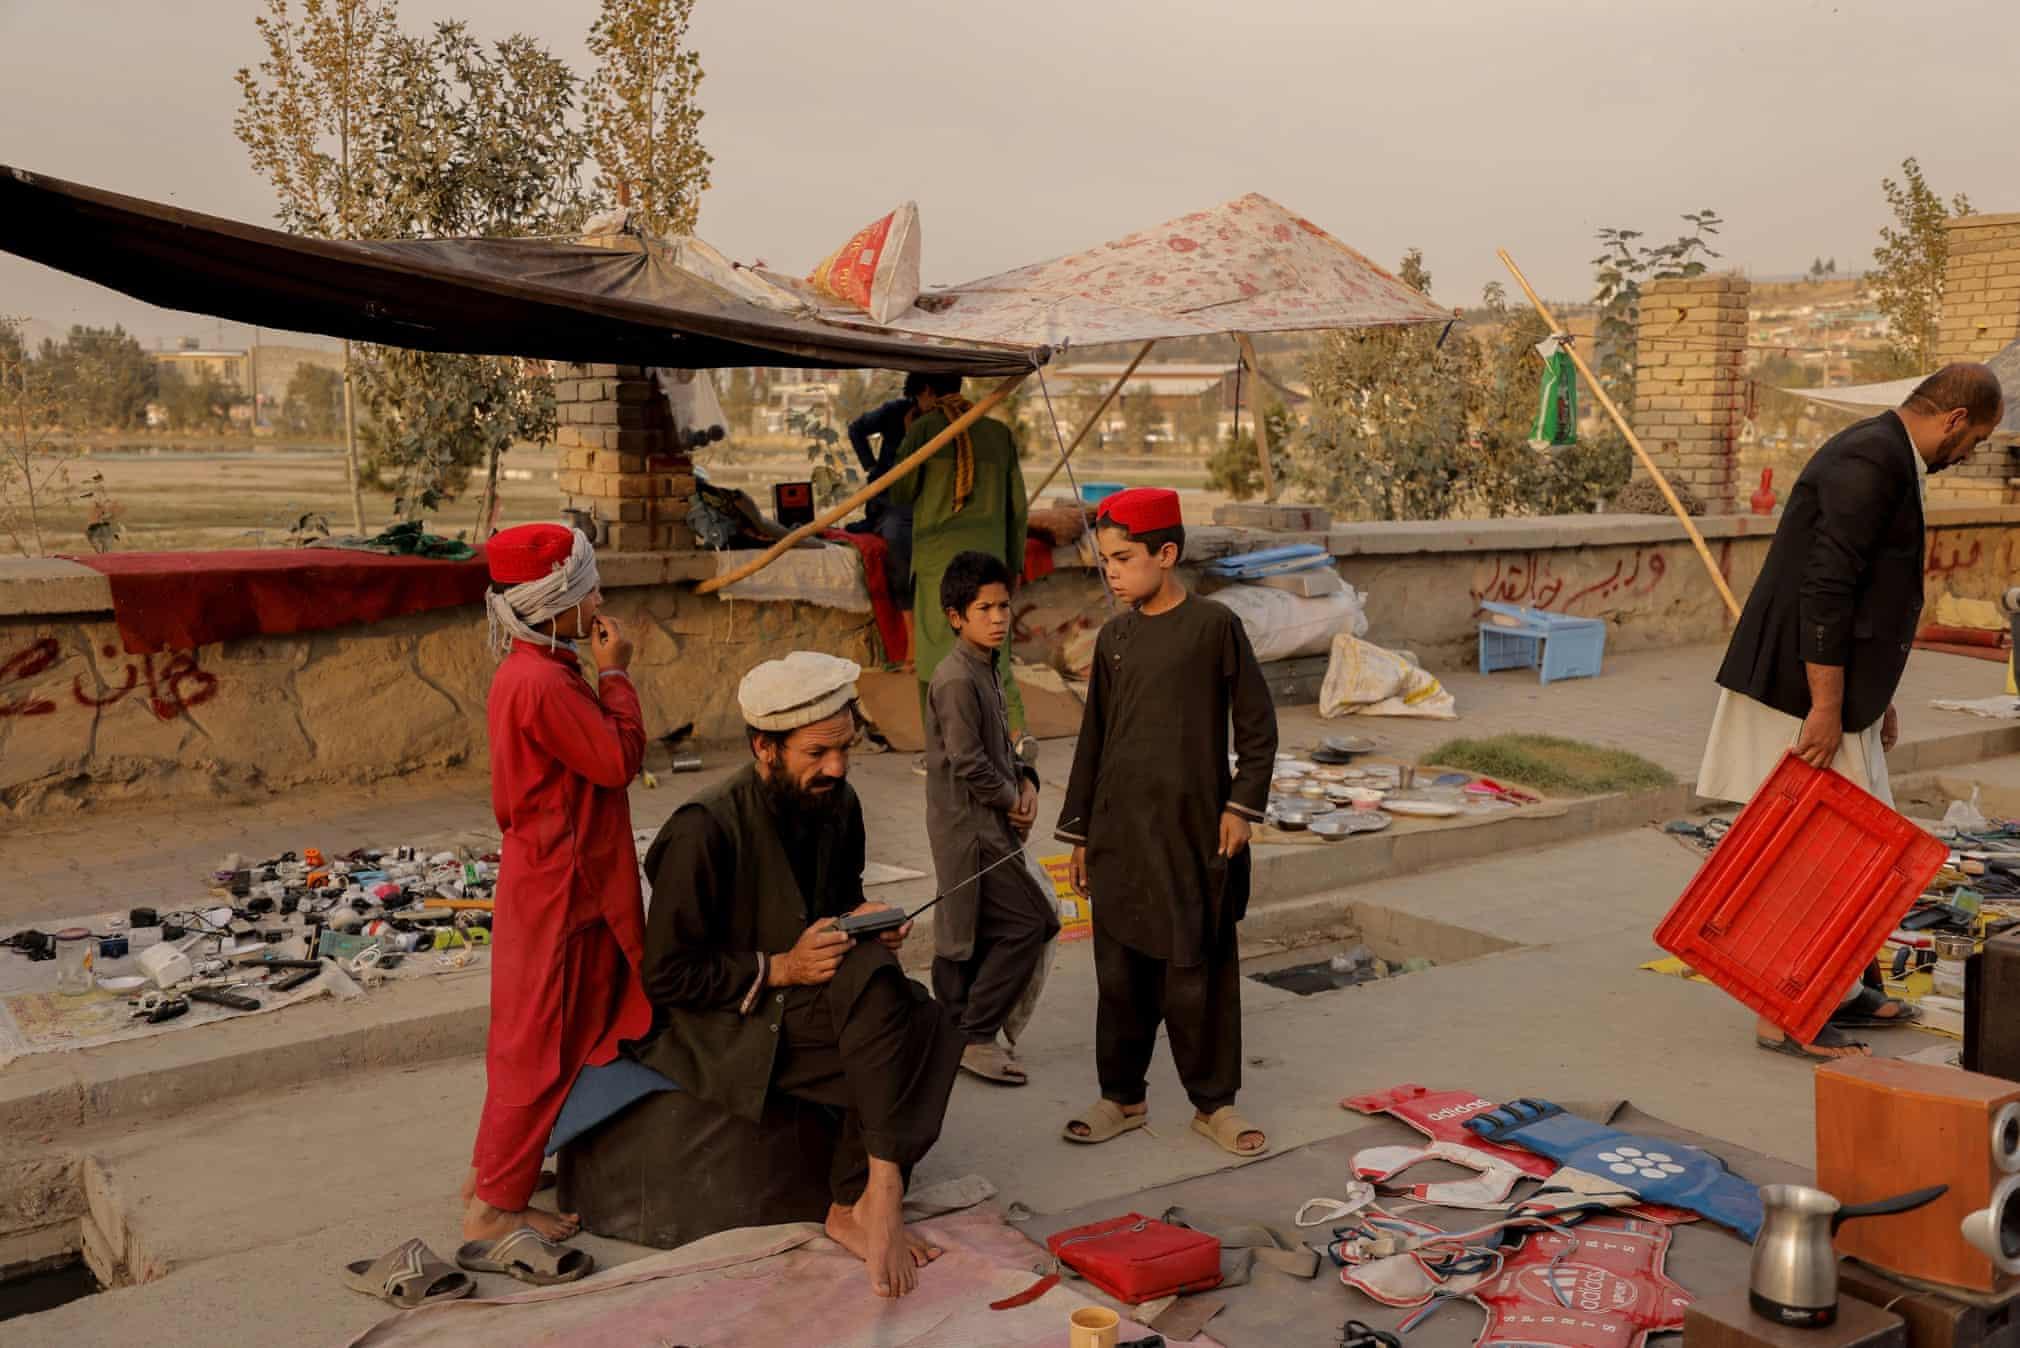 خانواده ای افغان در حال فروش وسایل منزل برای خروج از کشور + عکس